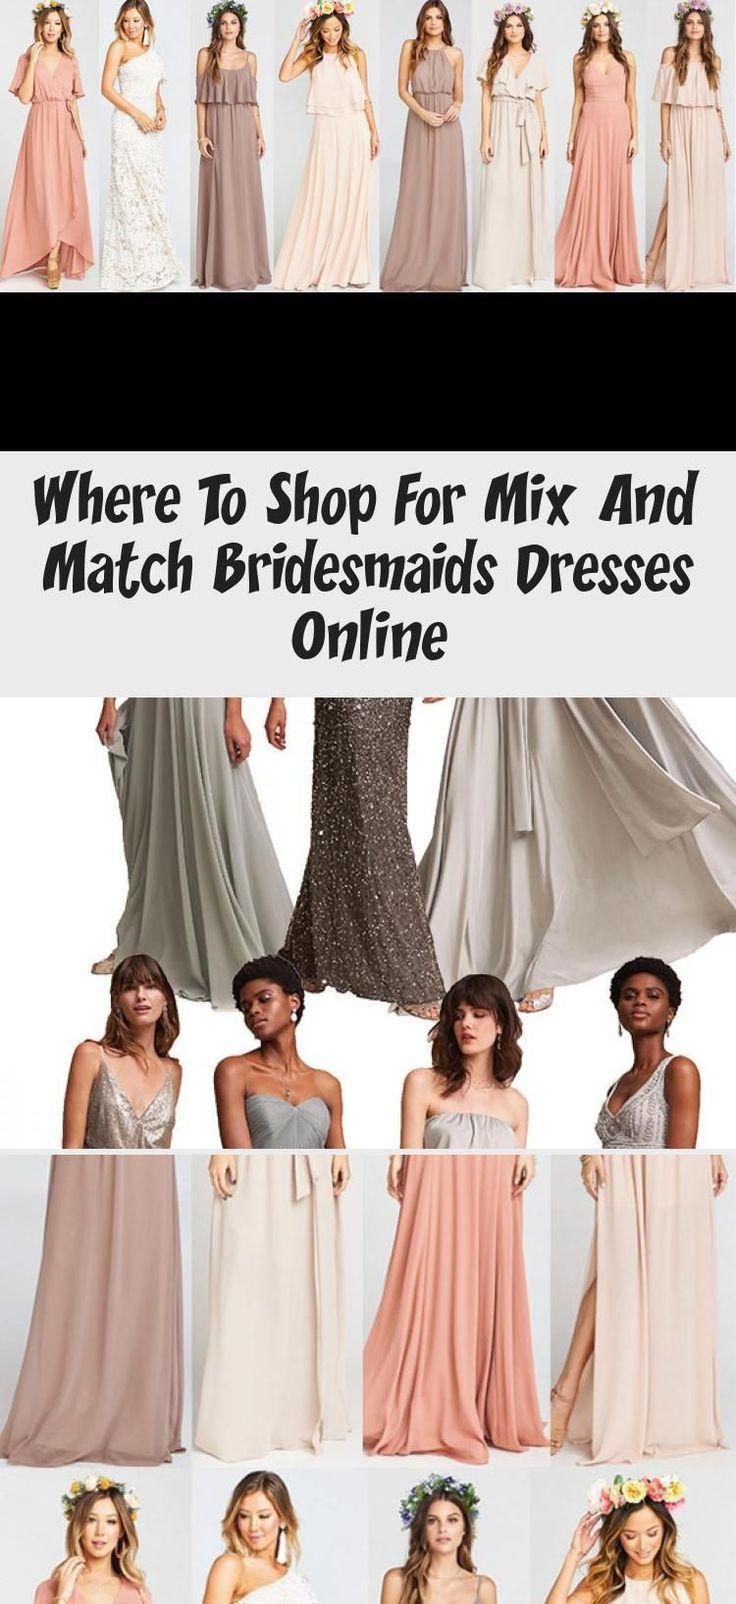 Wo für Mix & Match Brautjungfernkleider Online Shop - HOCHZEIT#amp #brautjungfernkleider #für #hochzeit #match #mix #online #shop